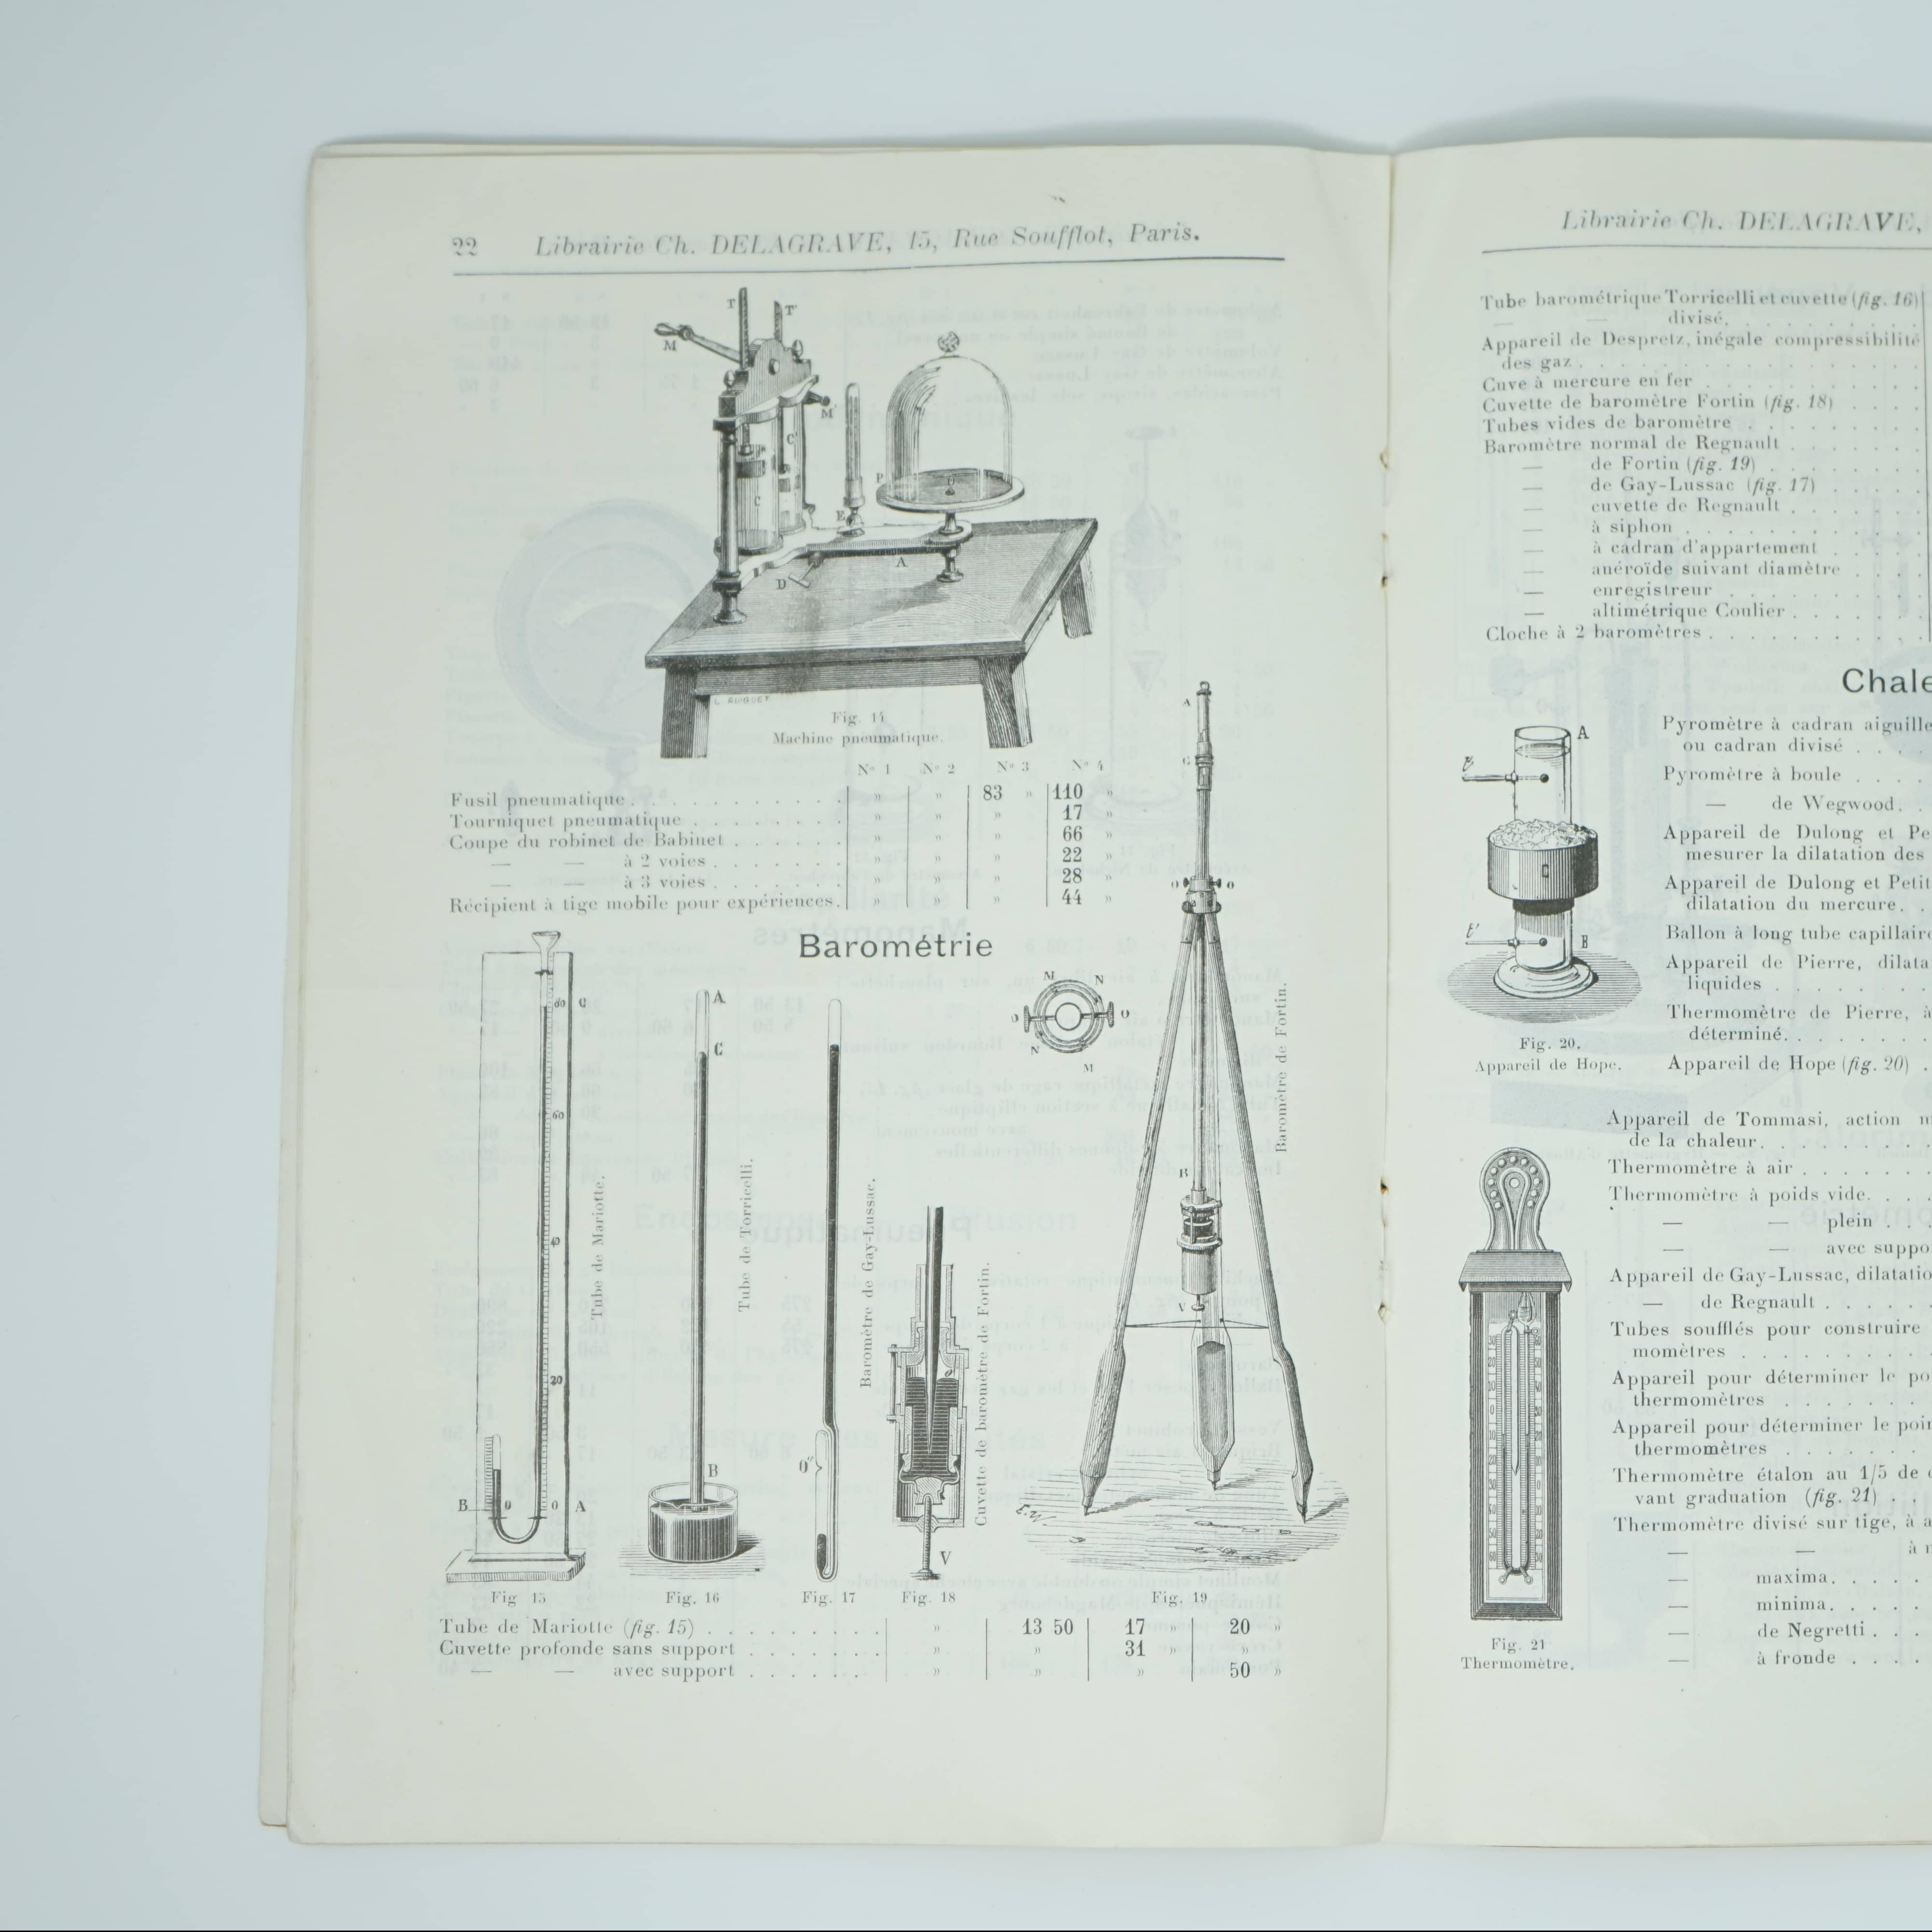 Catalogue N°5 bis d'Appareils de Physique intérieur